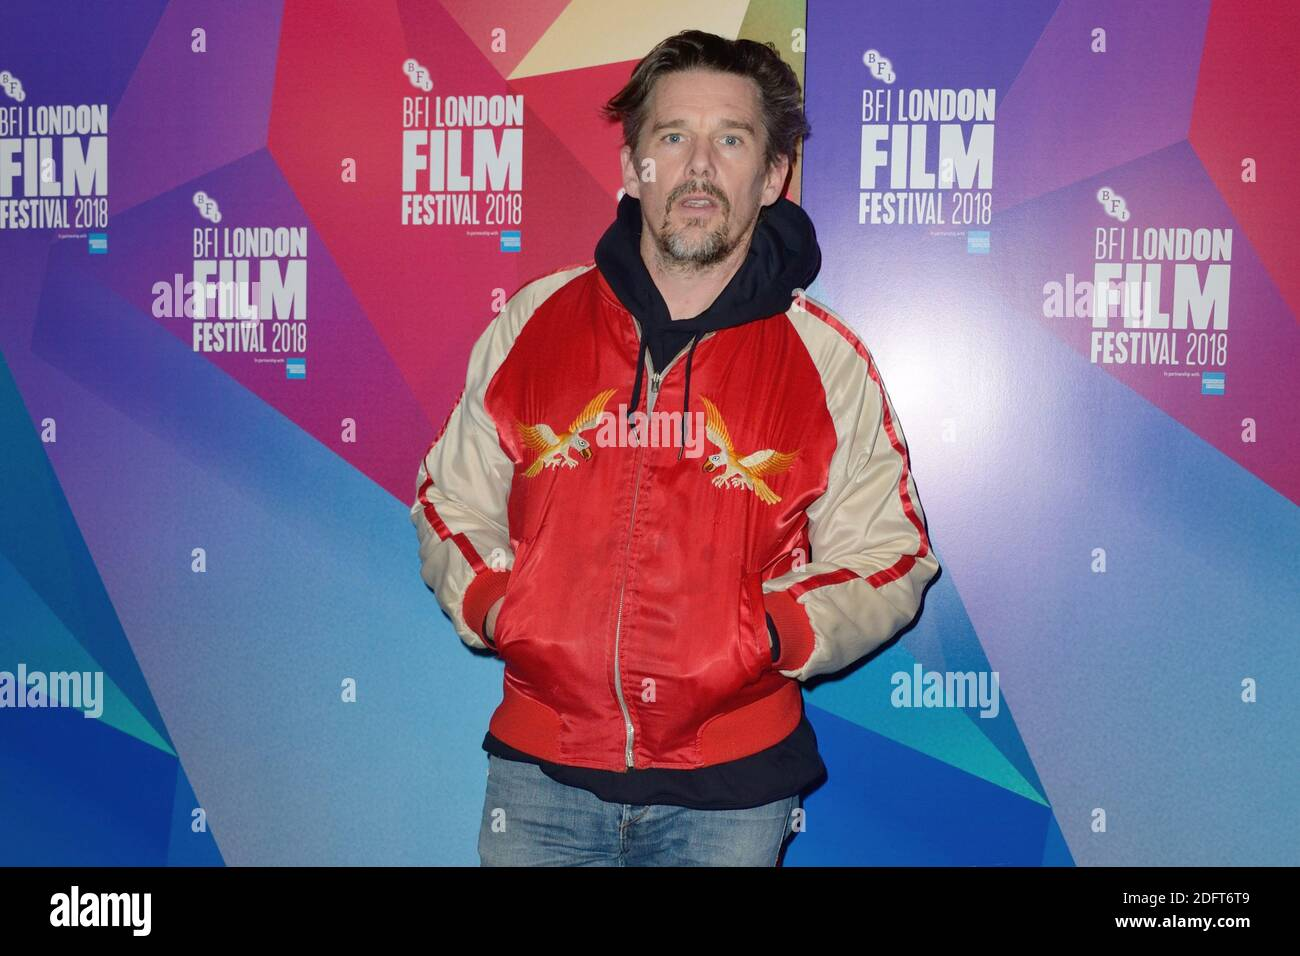 Ethan Hawke asistió al estreno de Blaze como parte del 62º BFI London Film Festival en Londres, Inglaterra el 20 de octubre de 2018. Foto de Aurore Marechal/ABACAPRESS.COM Foto de stock